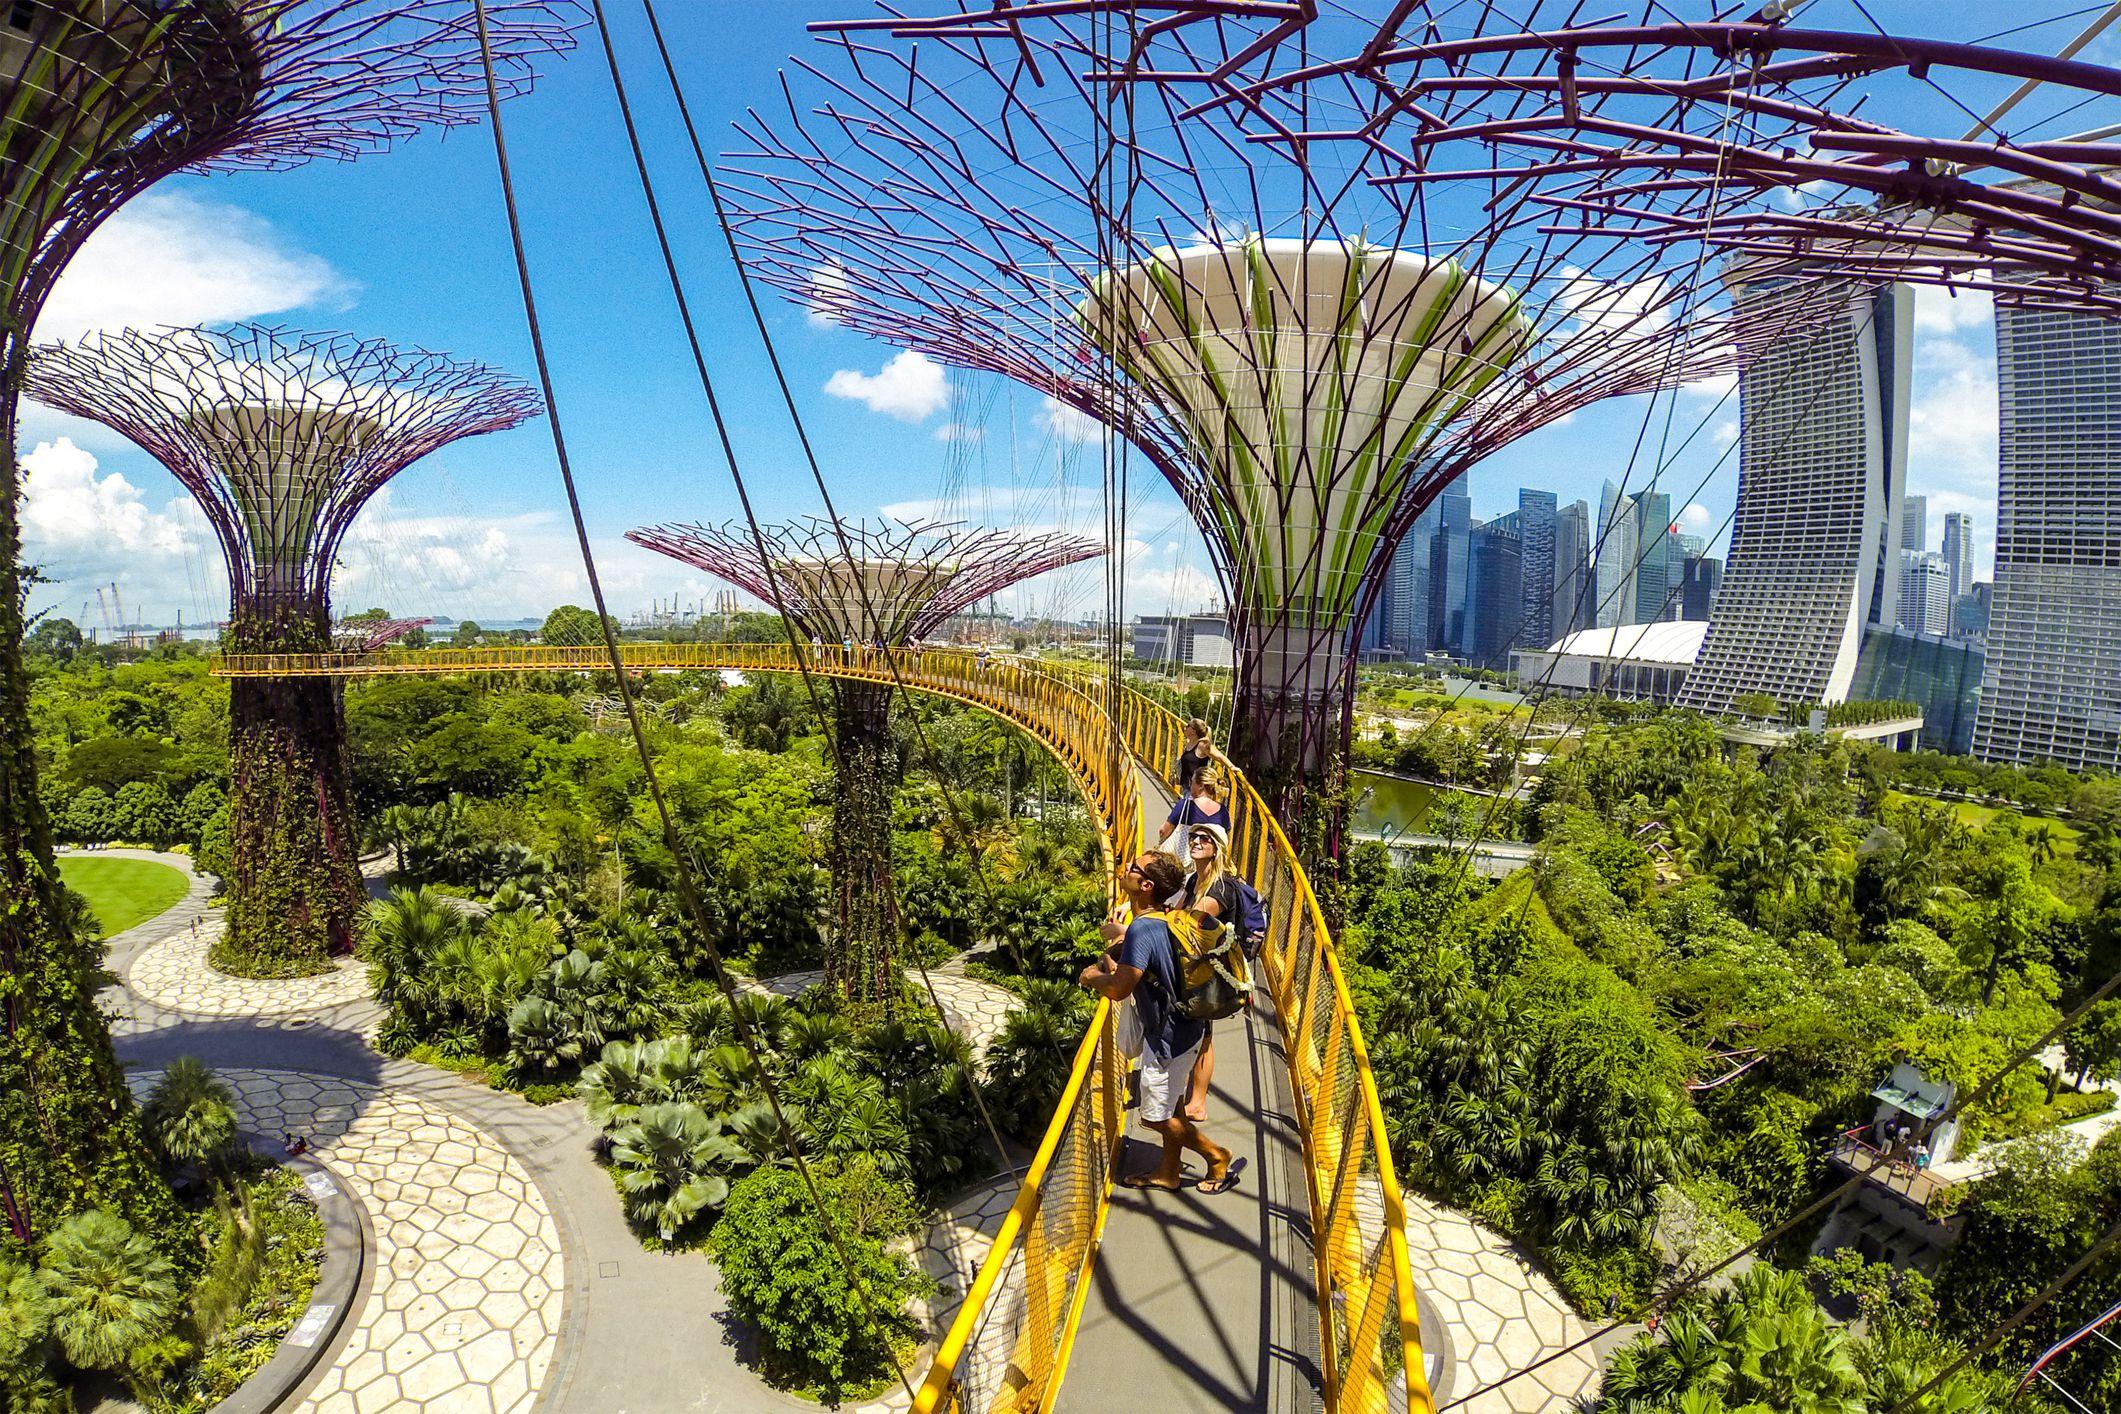 Apa Yang Anda Lihat Dan Apakah Di Gardens Singapura Oleh Bay